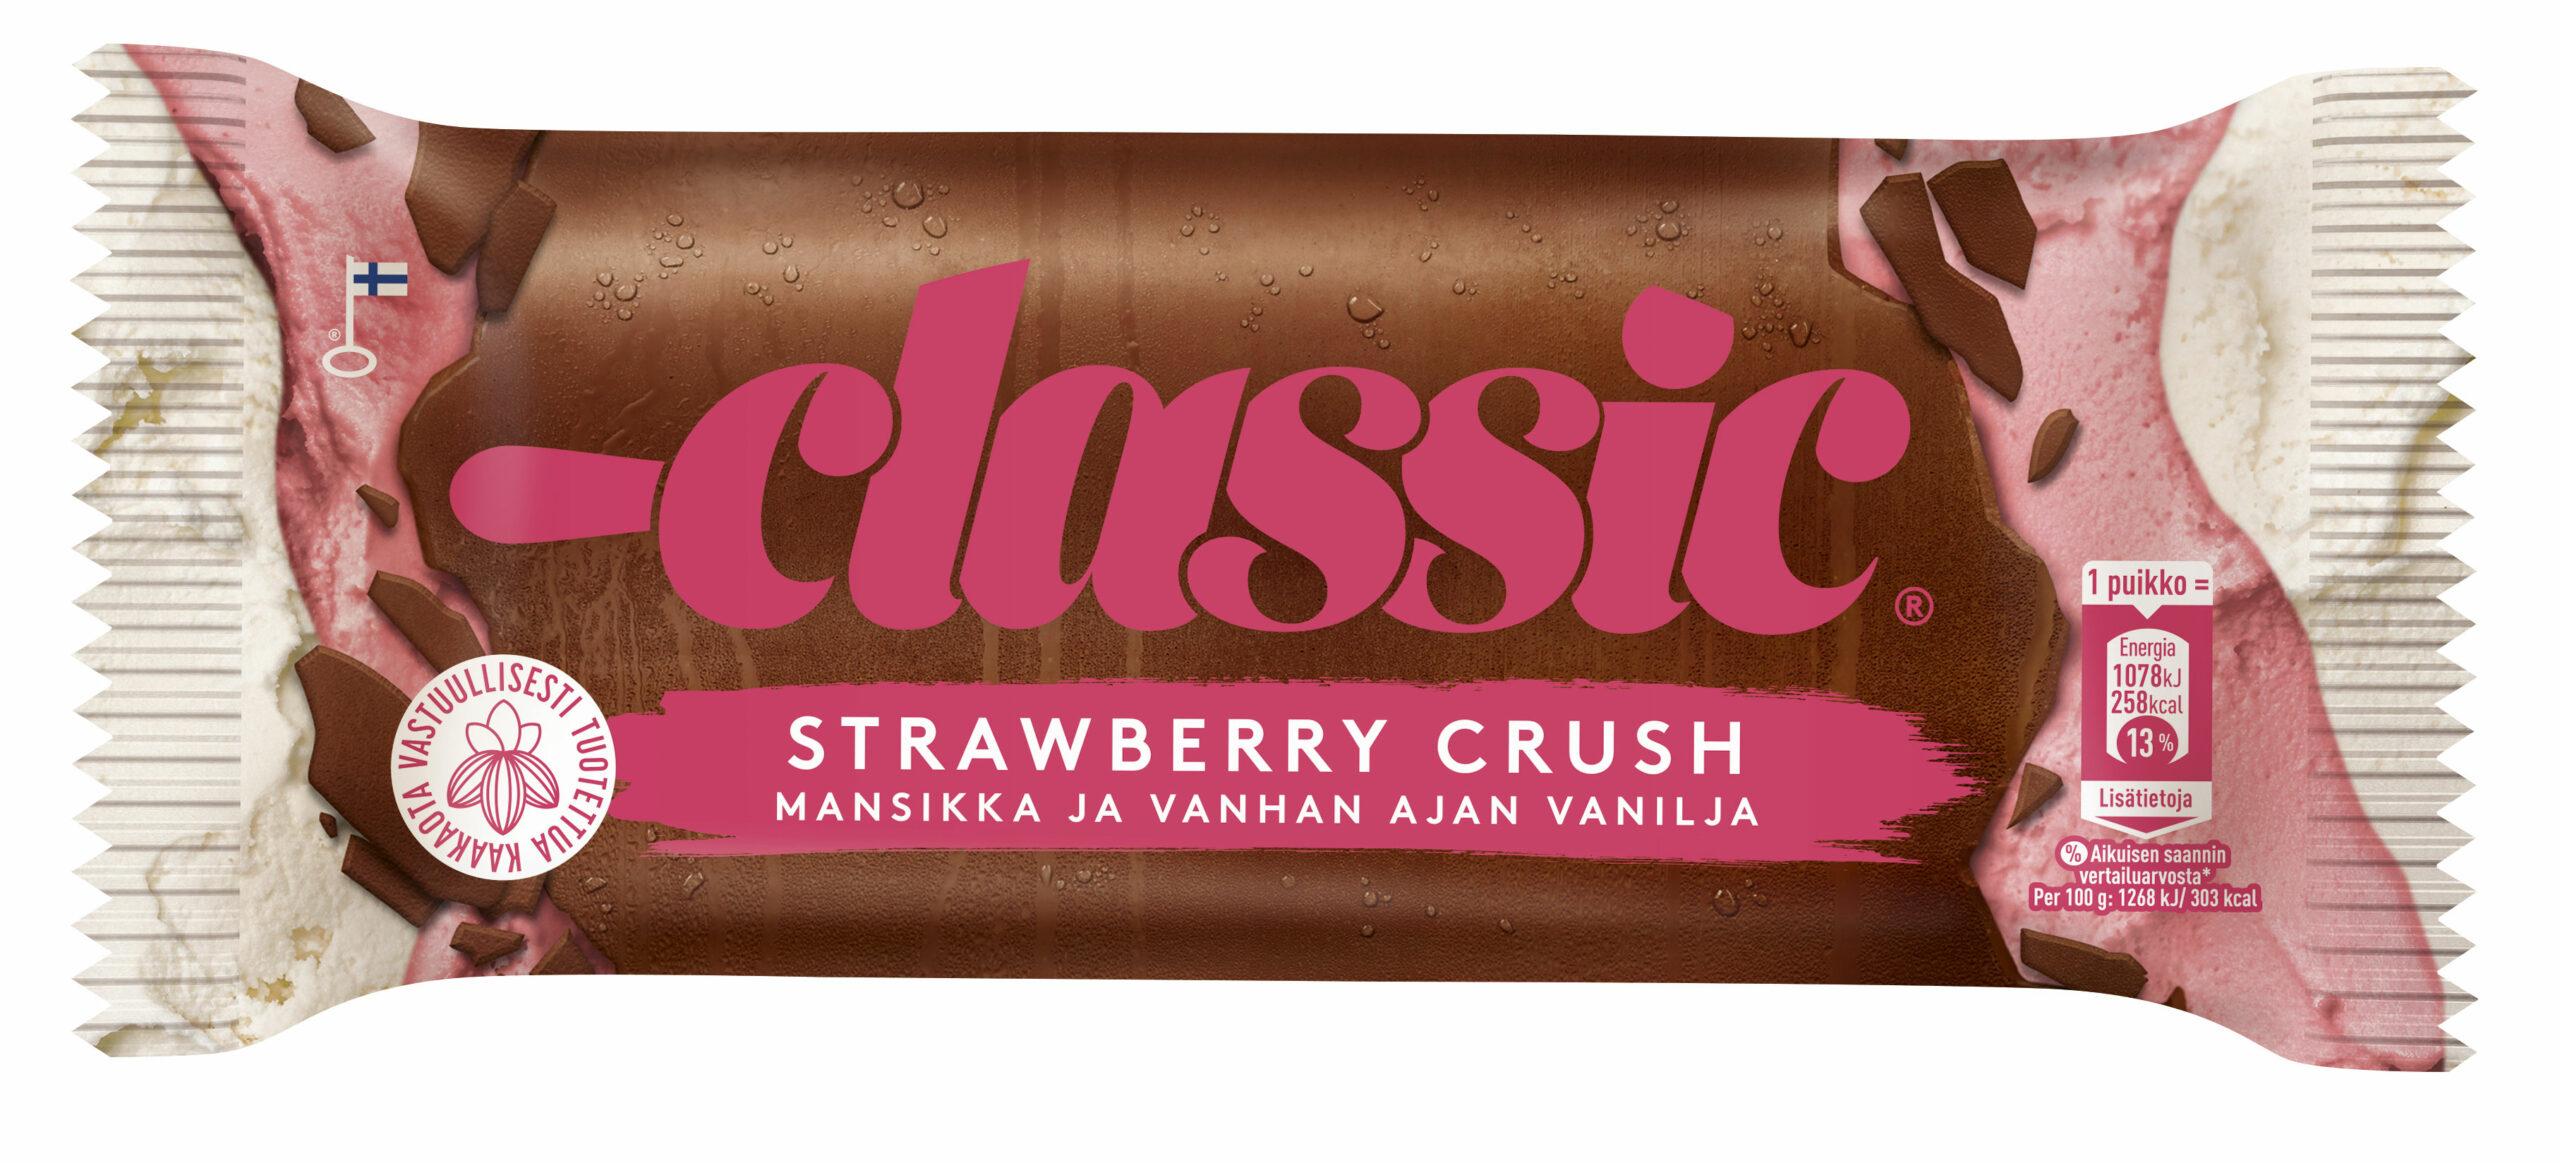 Classis Strawberry Crush -jäätelön kääre